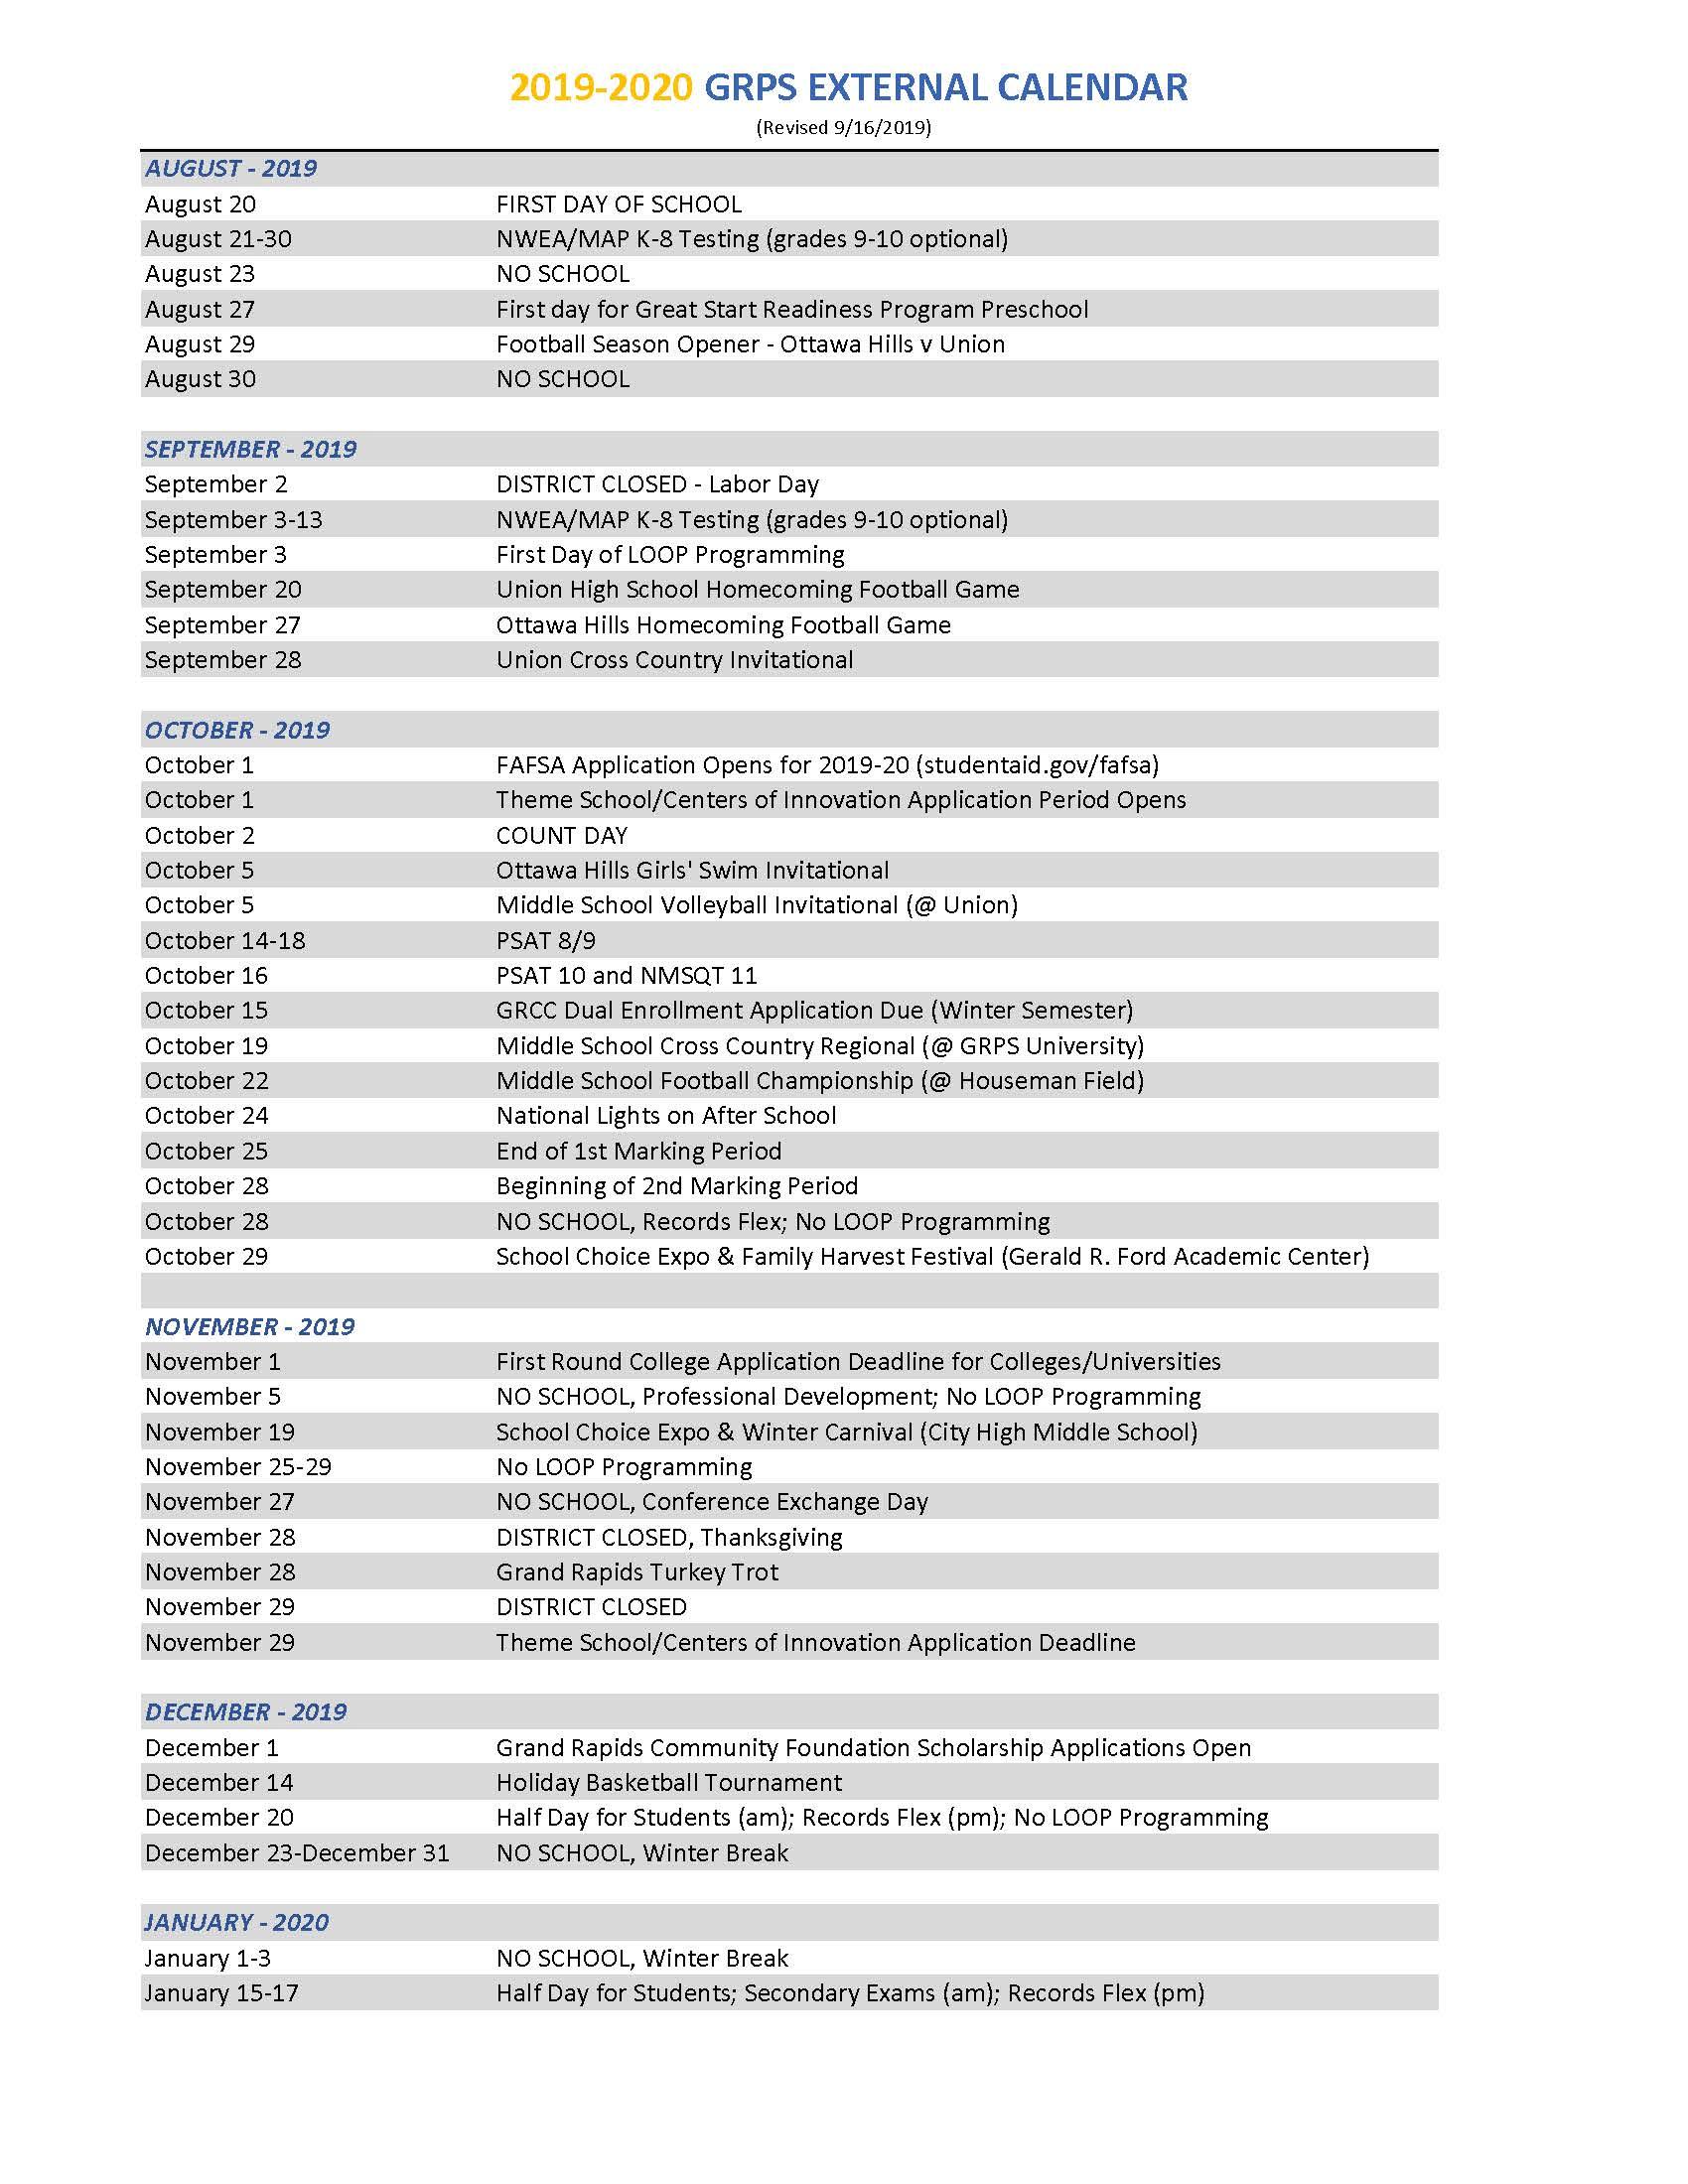 2019-2020 District Calendar regarding Grand Haven High School Clendar